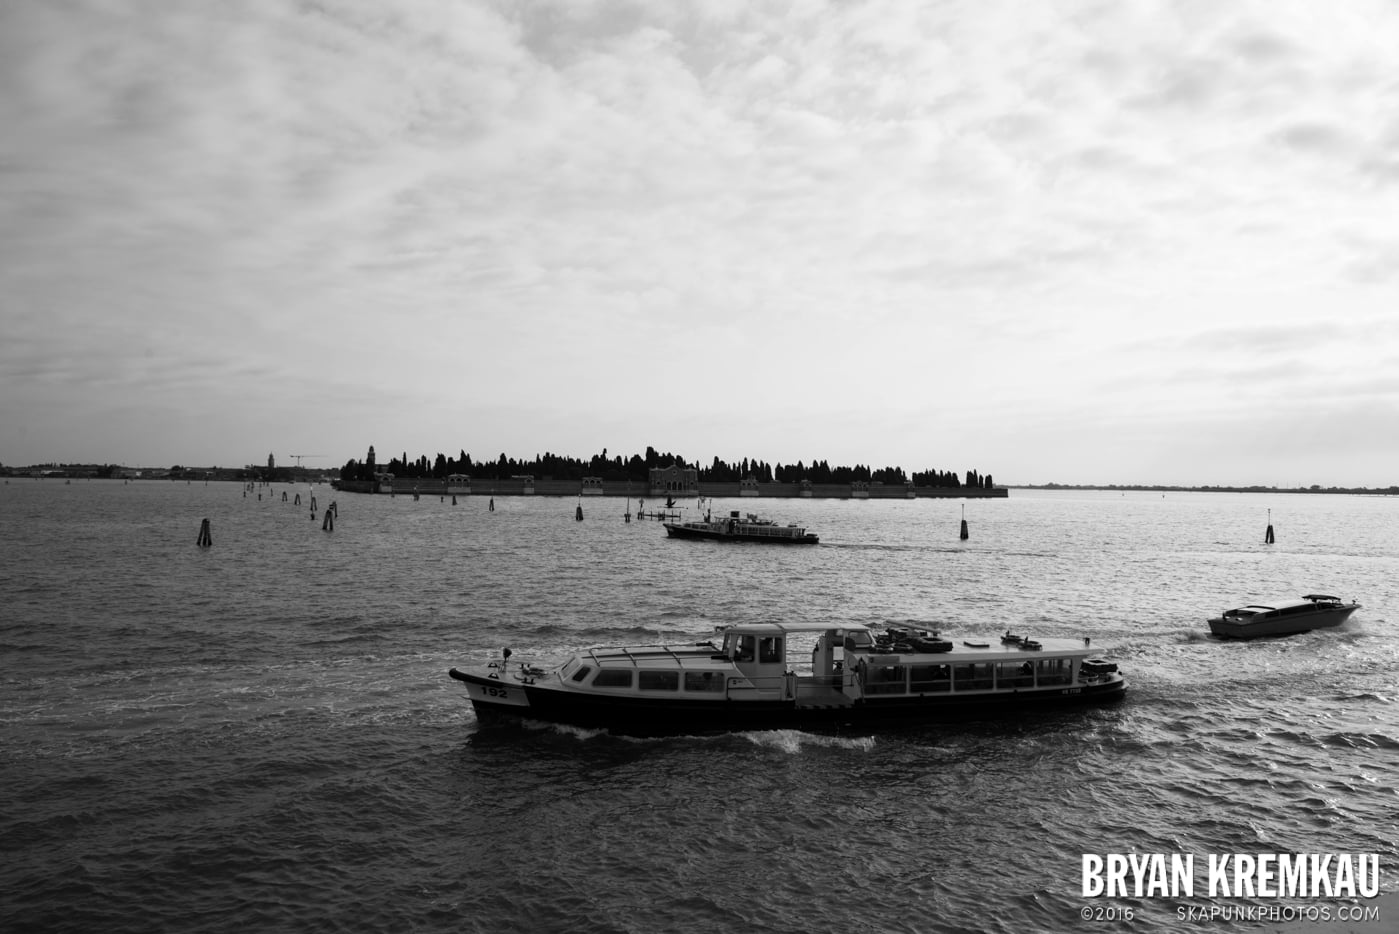 Italy Vacation - Day 6: Murano, Burano, Venice - 9.14.13 (101)